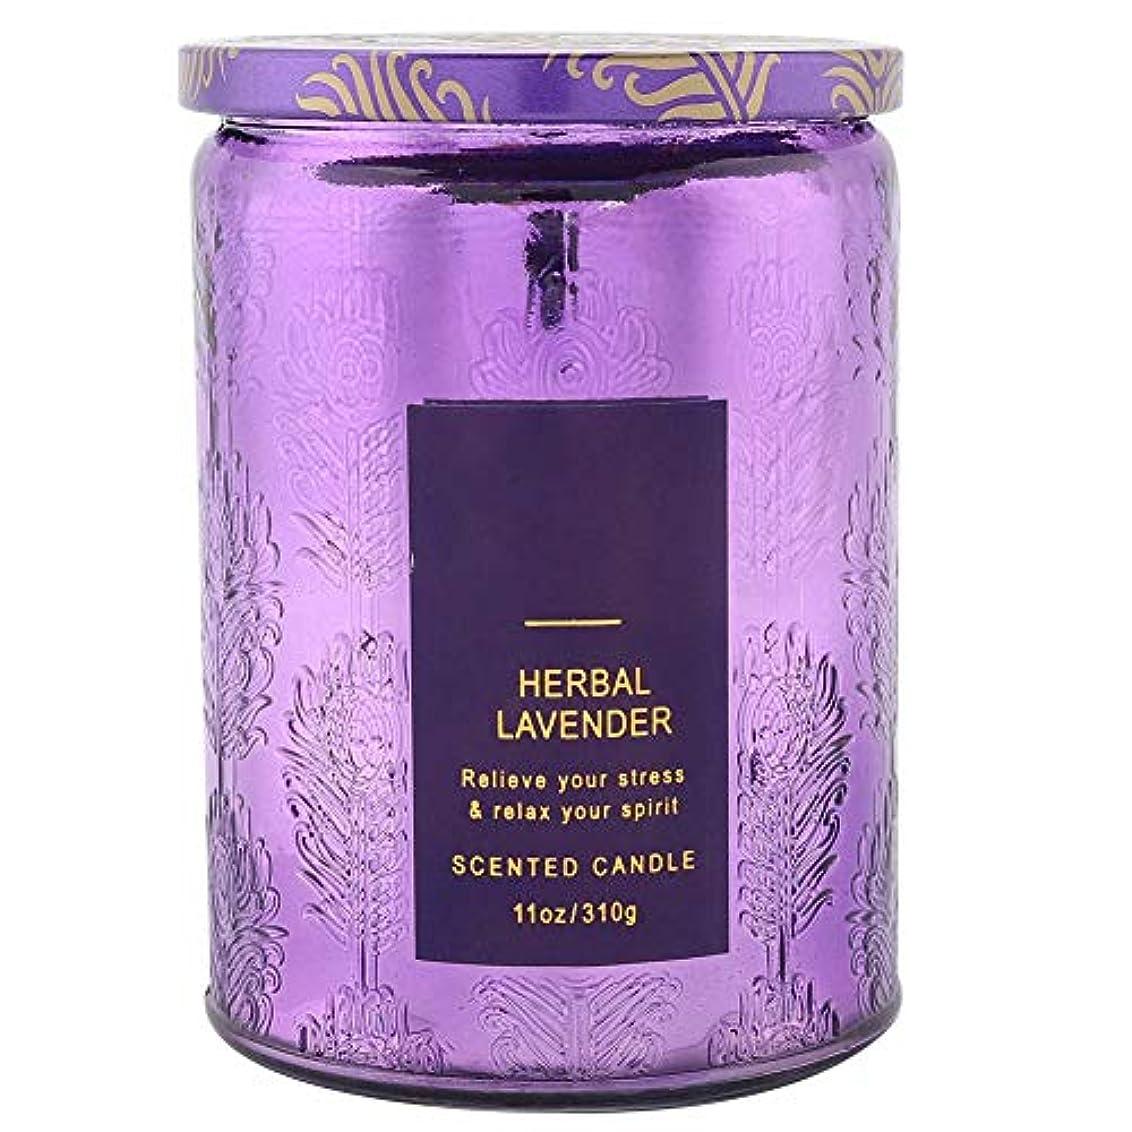 オセアニア光沢のある滑り台ラベンダーの香りのキャンドル、エッセンシャルオイルの香りのキャンドルギフトガラス瓶エッセンシャルオイルキャンドルストレス解消とリラクゼーションスパ